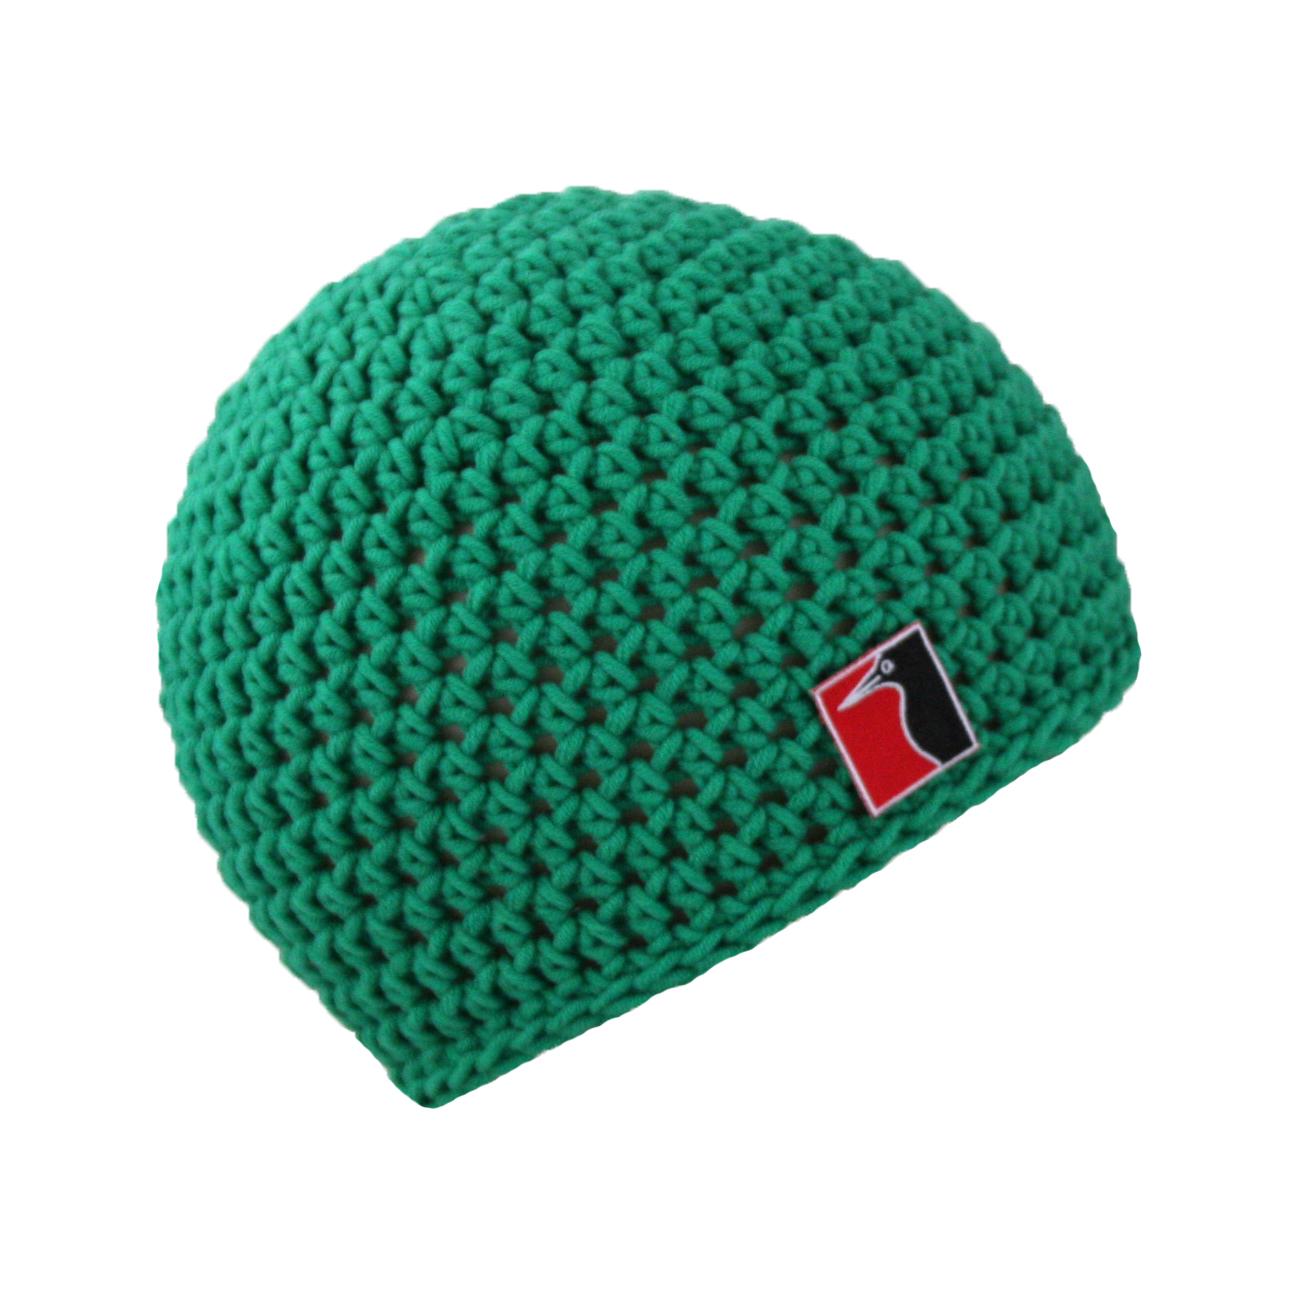 gehäkelte Sommermütze grün